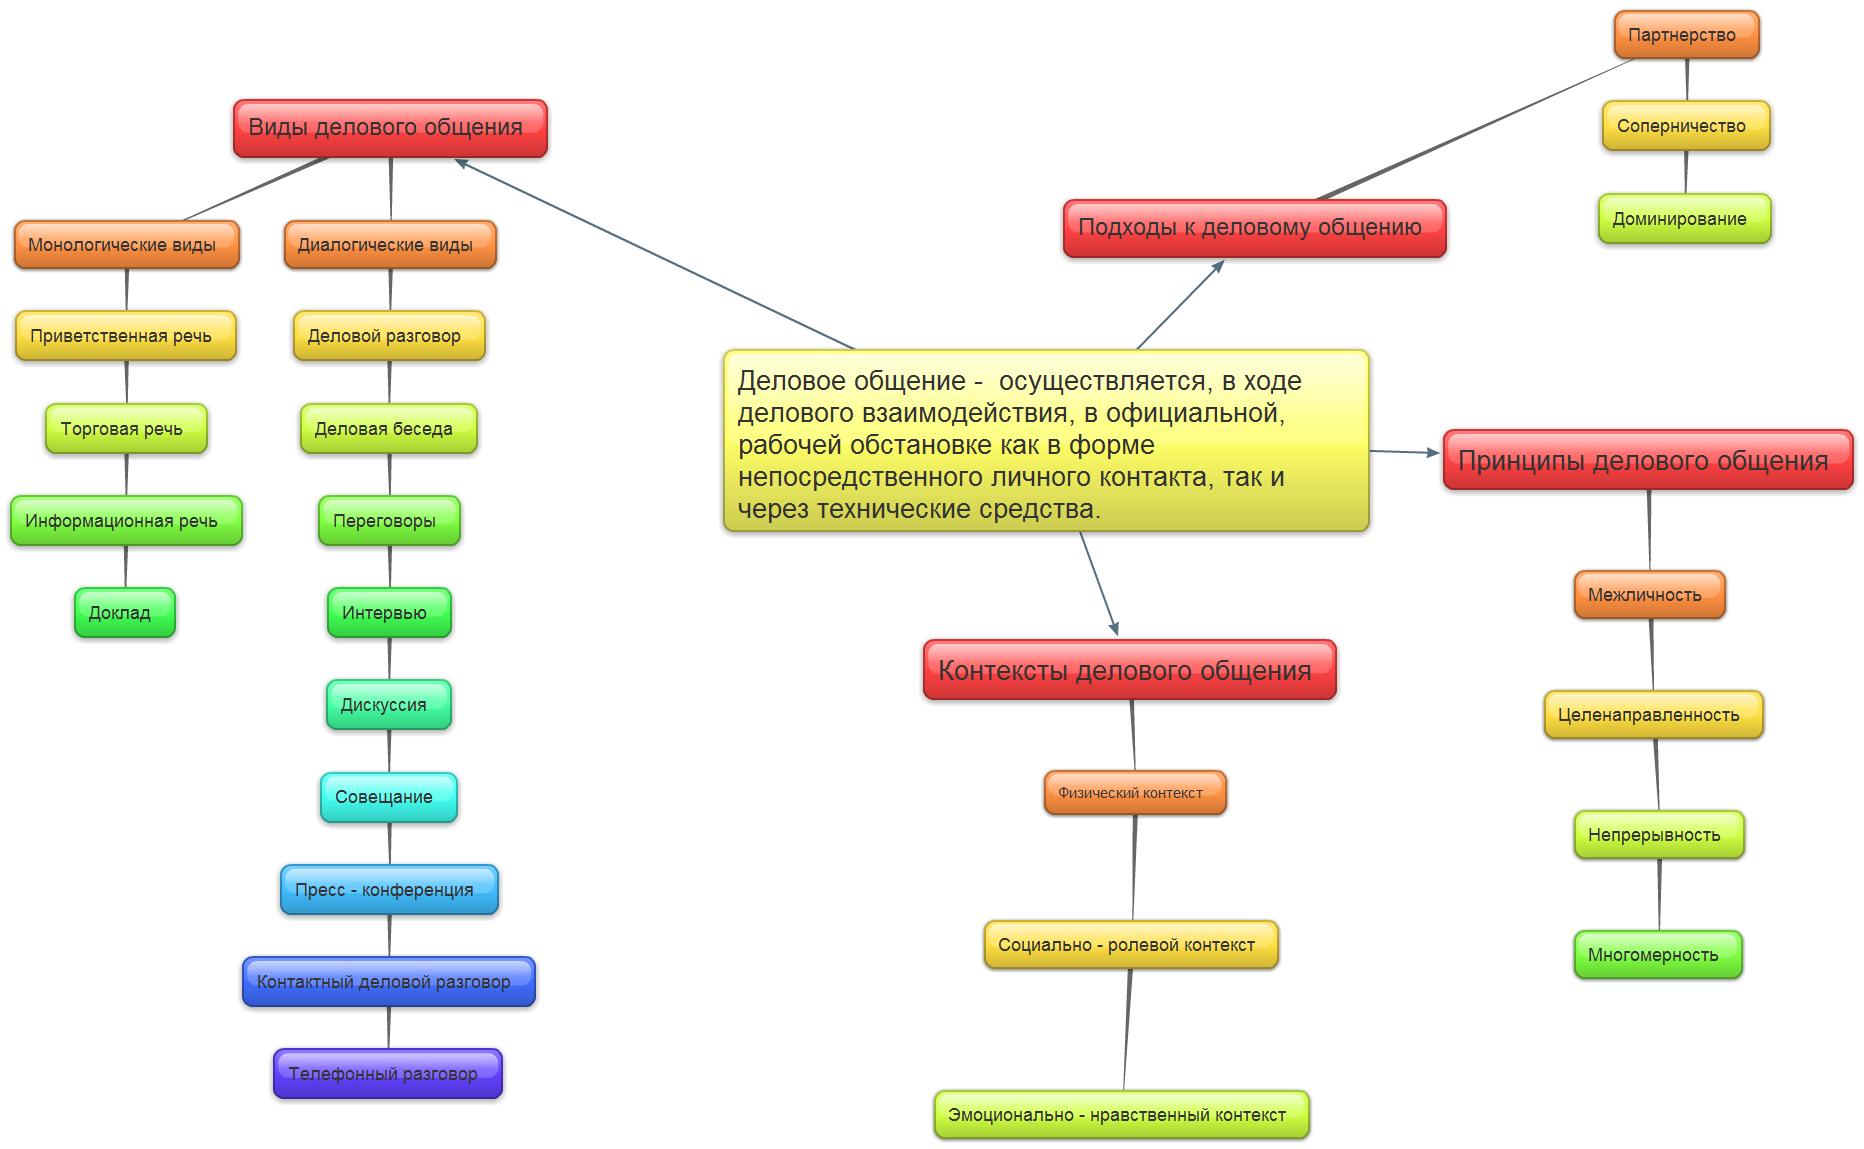 Схема анализа образа